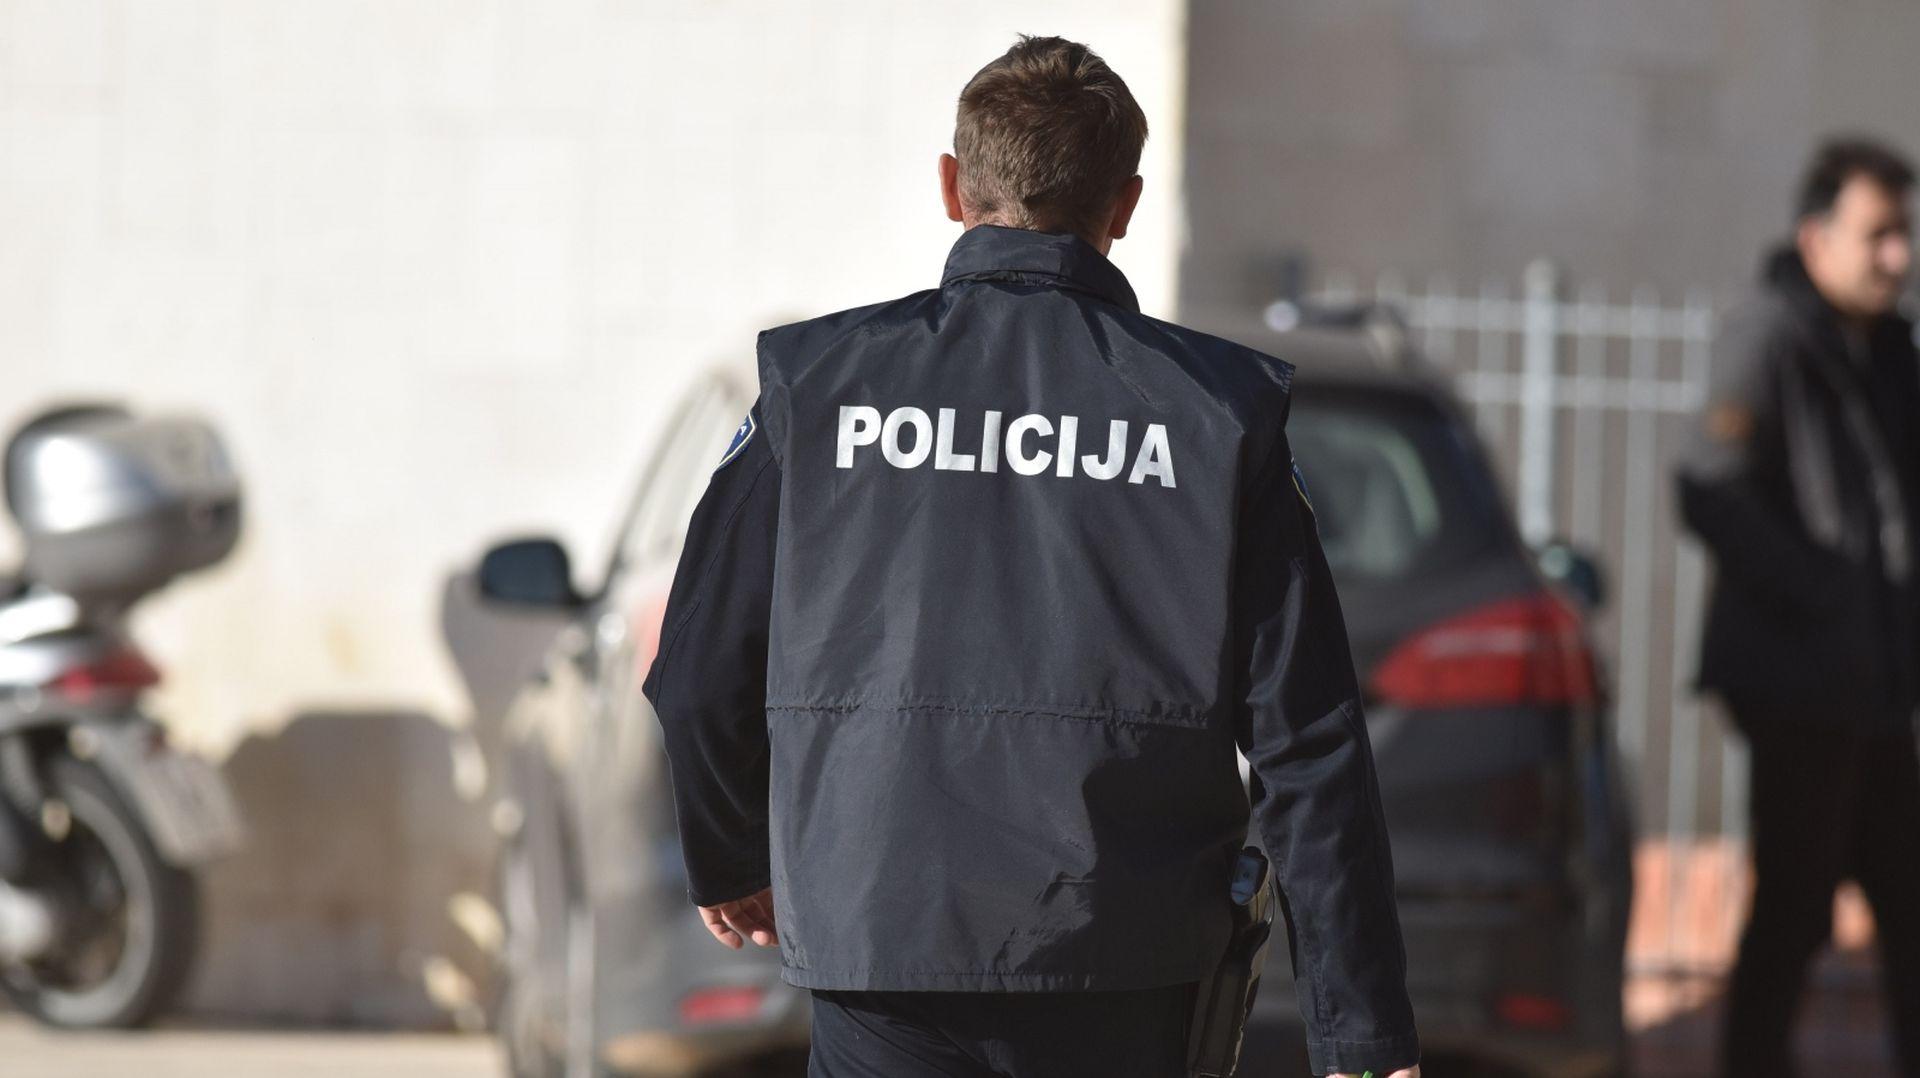 U Vinkovcima pronađeno tijelo 32-godišnjaka, policija privela osumnjičenog